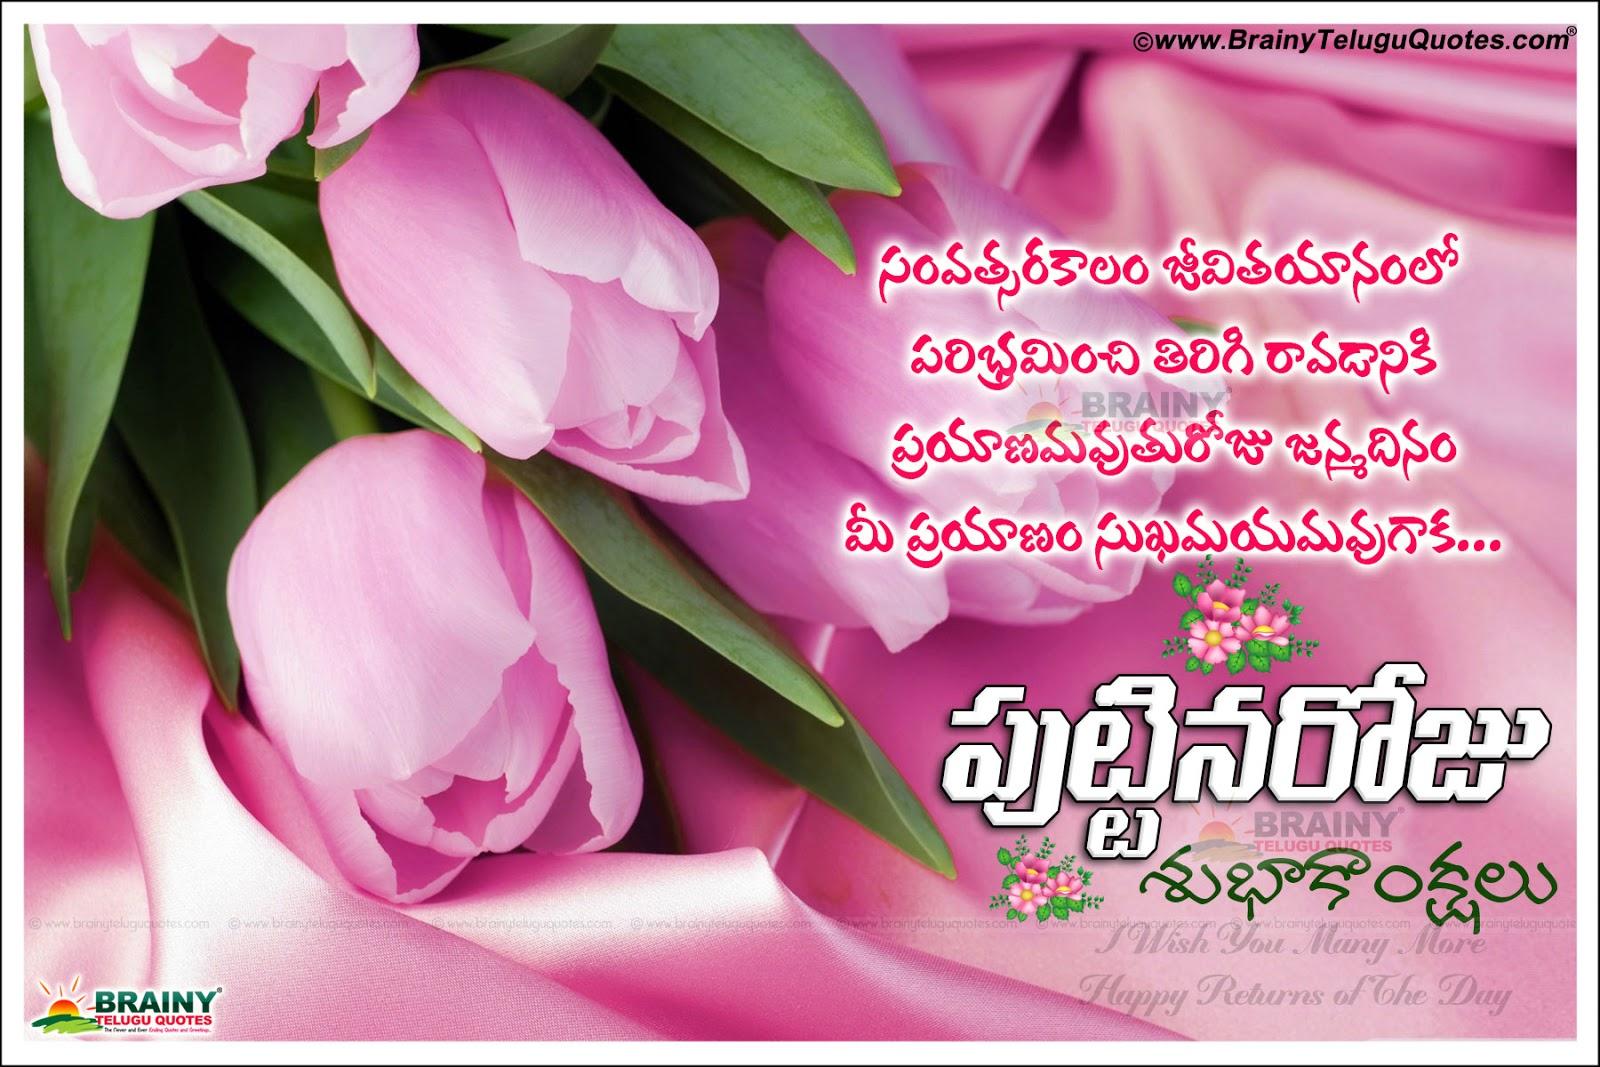 Vinayaka Chavithi Hd Wallpapers Latest Telugu Birthday Puttina Roju Subhakankshalu